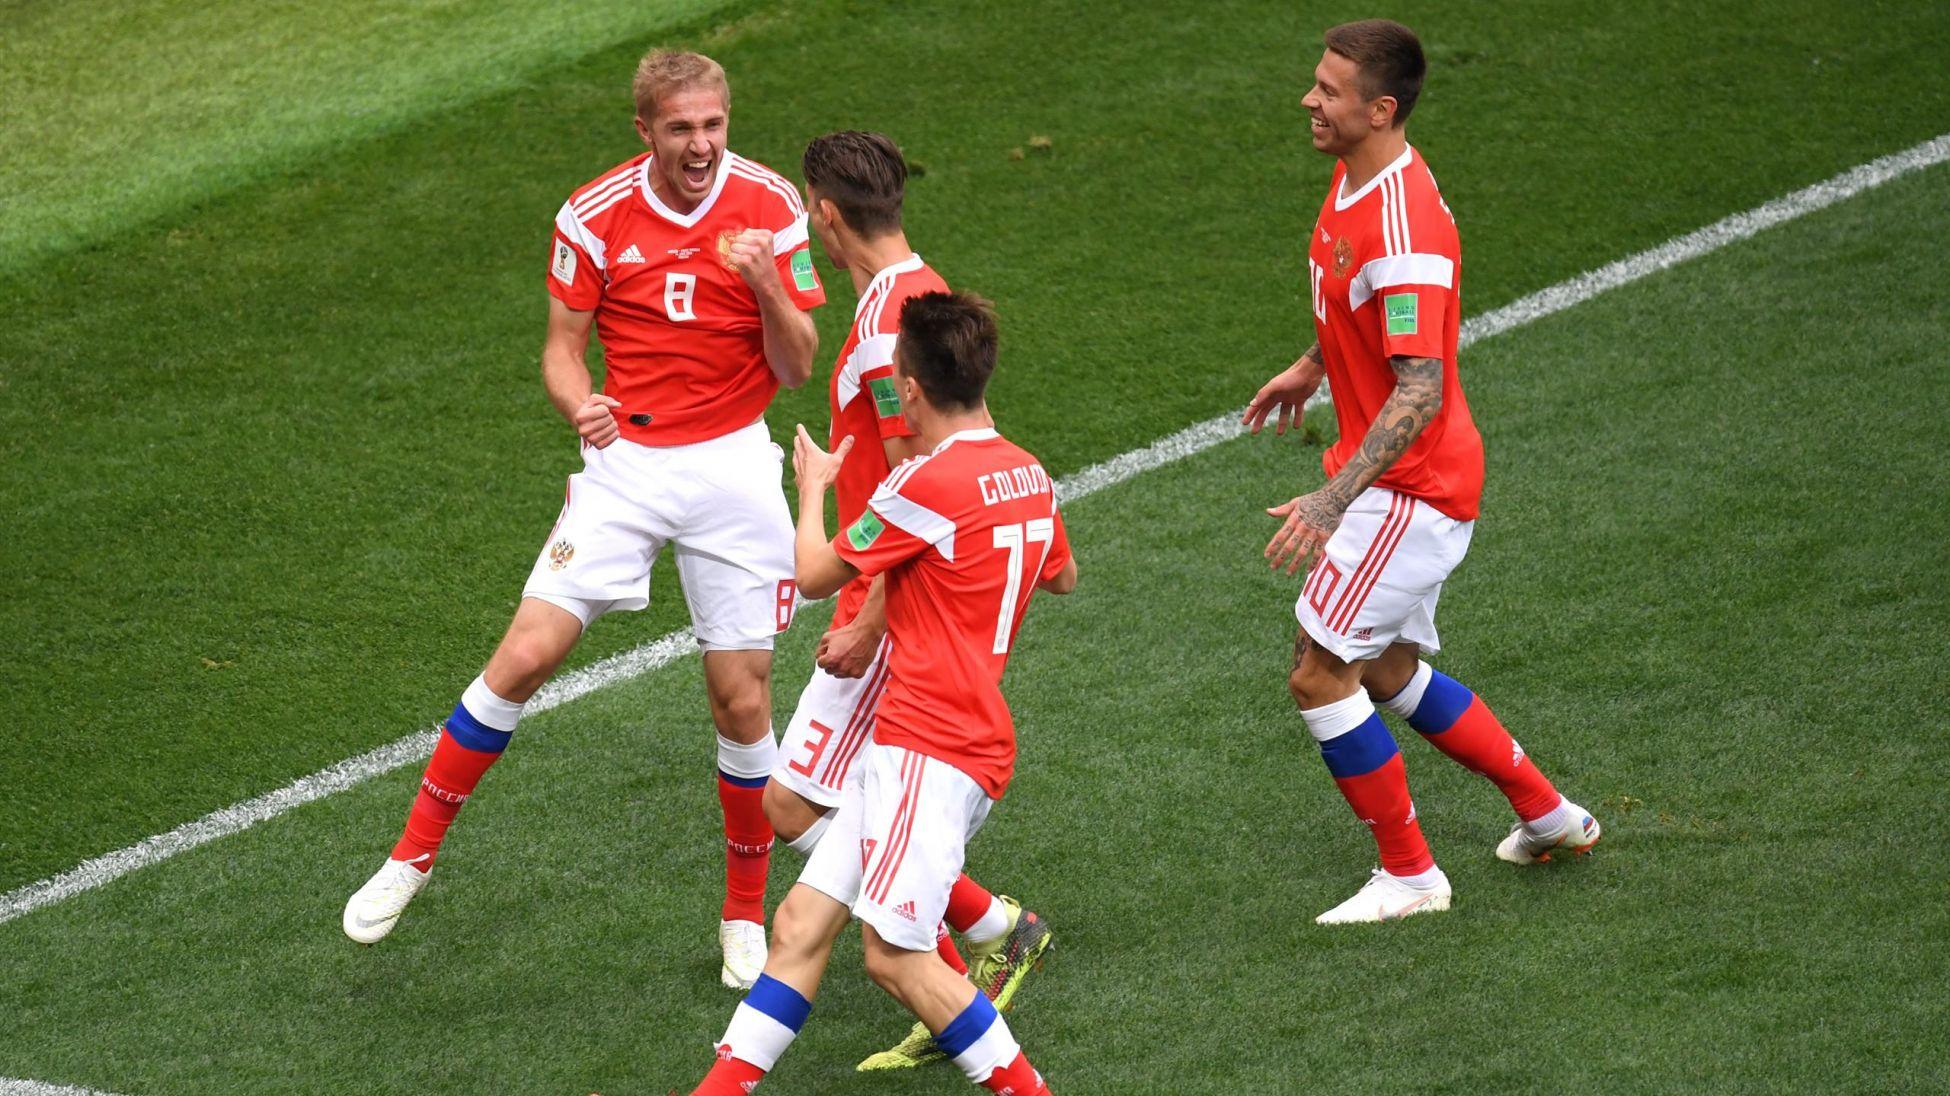 Coupe du monde : Les Russes sont quasiment qualifiés en 8es de finale après une victoire probante face à l'Egypte (3-1)